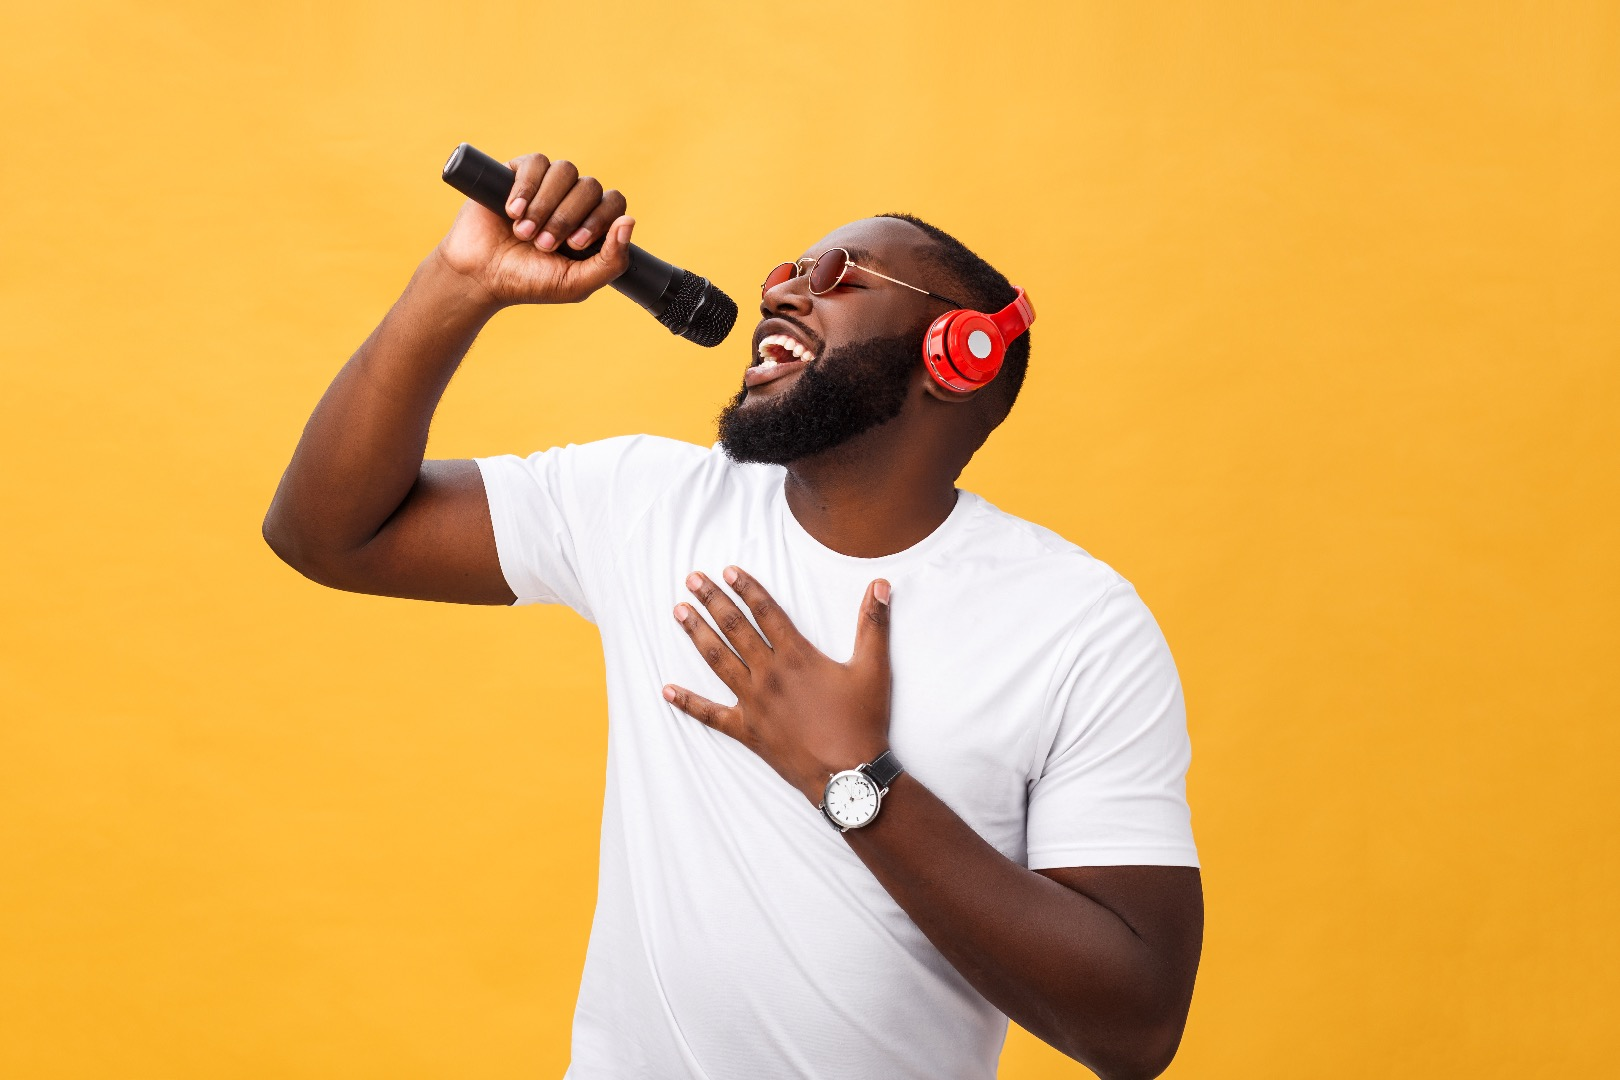 Объявляем кастинг в арт-команду Sunset karaoke